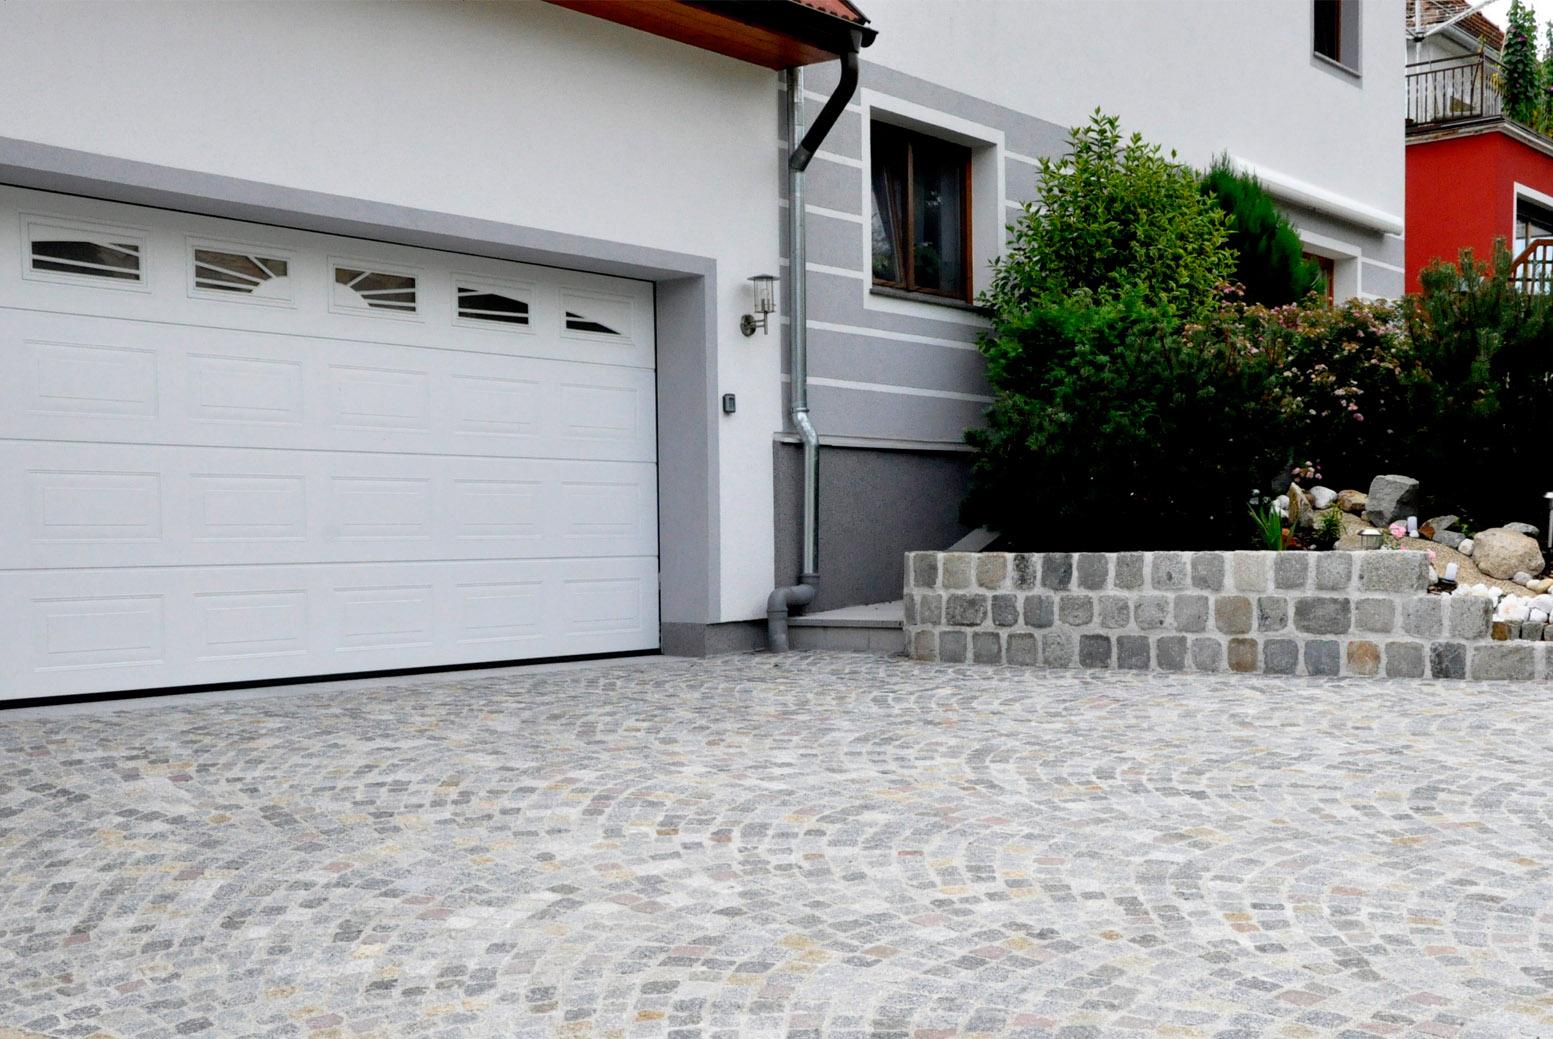 Garageneinfahrten, Garagenzufahrten, Strasse, Garage, Pflasterungen, Natursteinpflaster, Innviertel, Salzburg, Oberösterreich